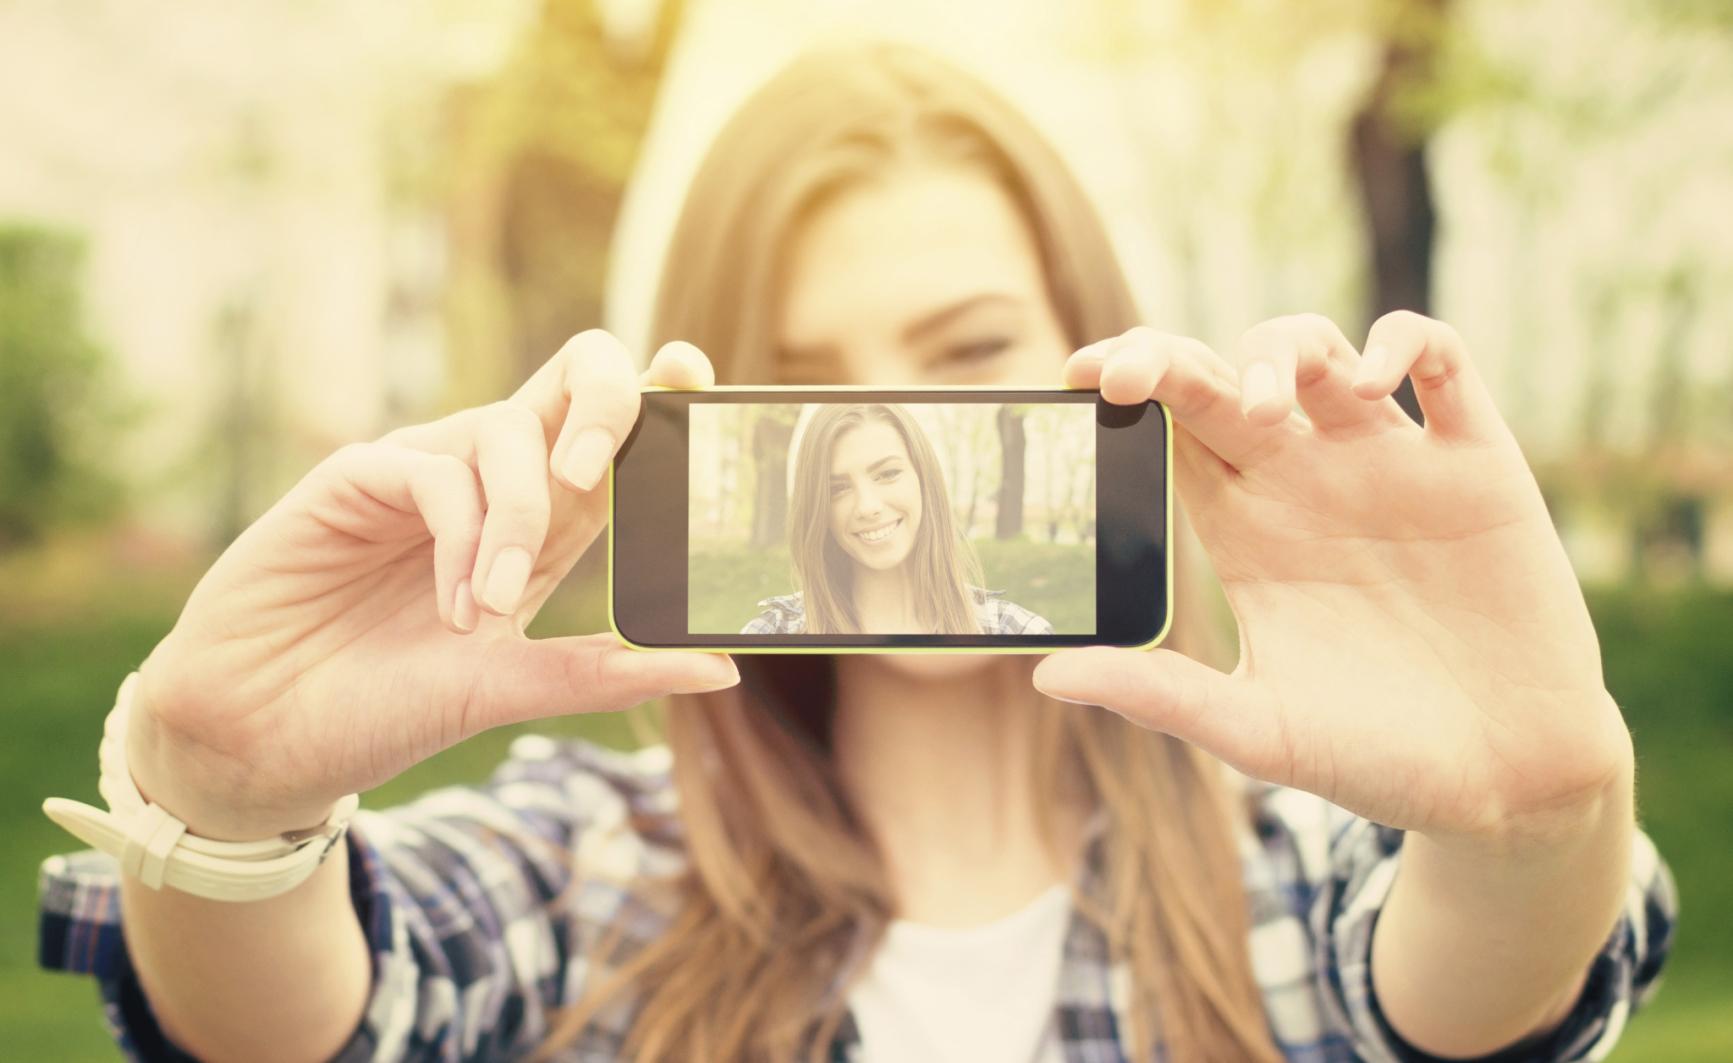 L'evoluzione del selfie: potrà svelarci la nostra salute mentale